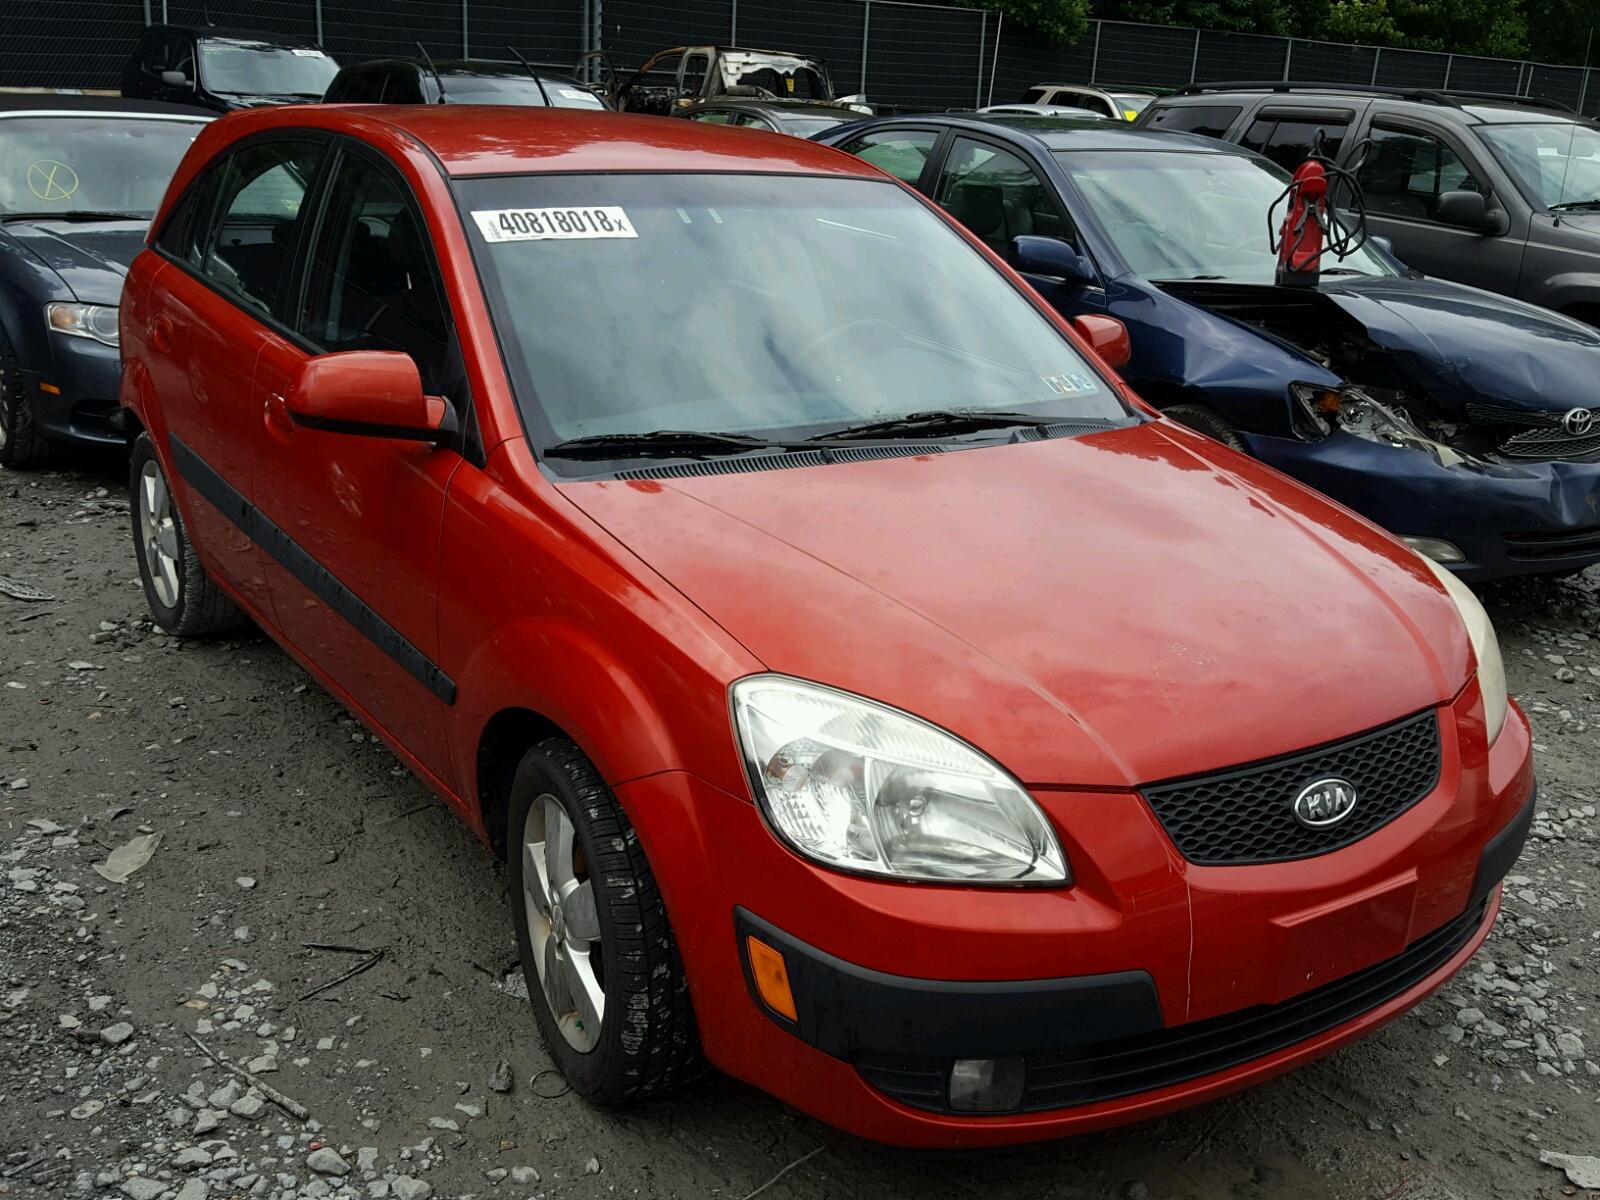 Knade163976222471 2007 Red Kia Rio 5 Sx On Sale In Dc Washington Rio5 16l Left View